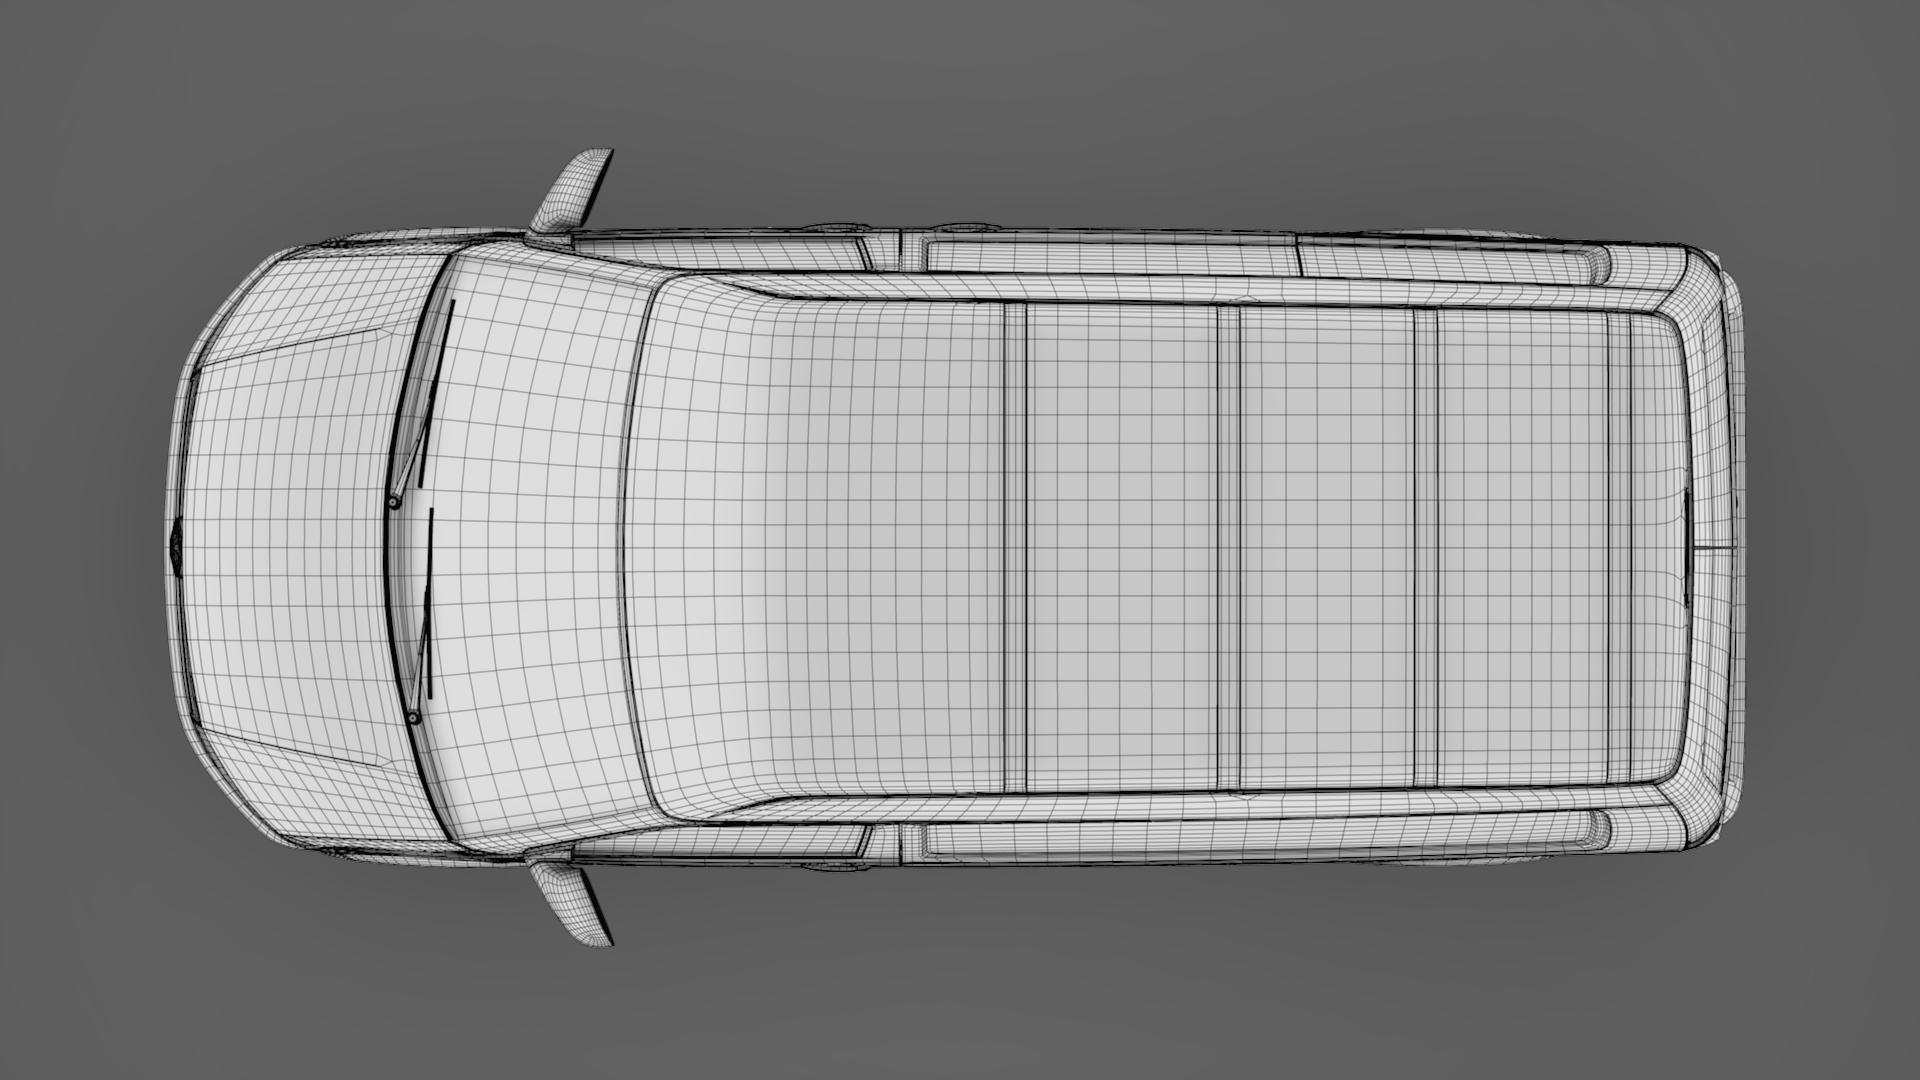 volkswagen transporter van l1h2 t6 2017 3d model max fbx c4d lwo ma mb hrc xsi obj 275163